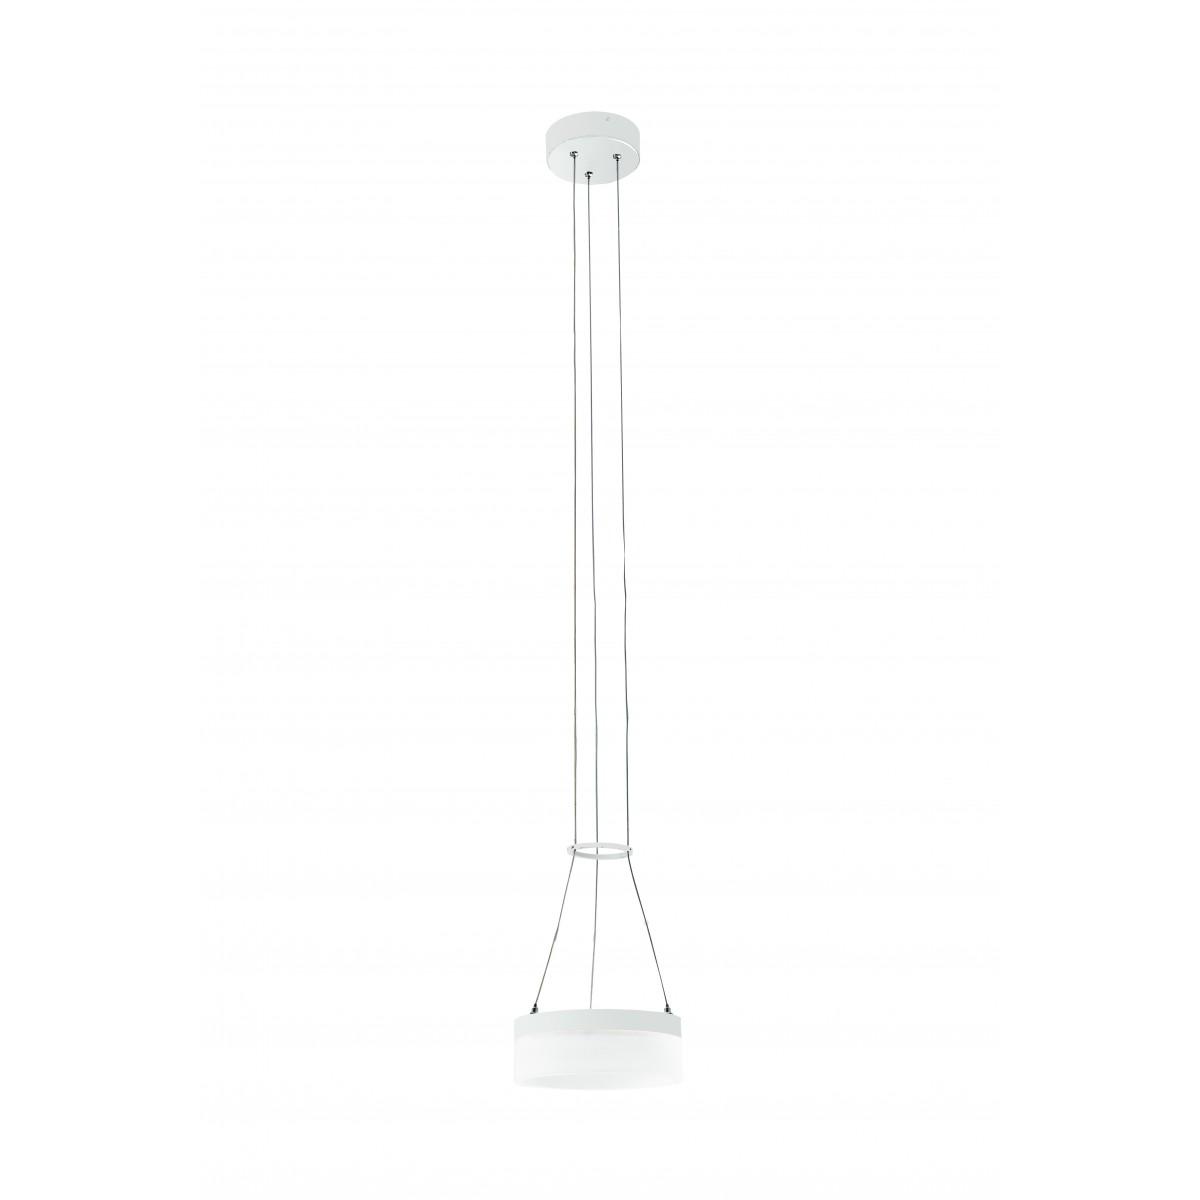 LED-SATURN-S20 - Sospensione Bianca Anello Alluminio Acrilico  Lampadario Moderno Led 12 watt Luce Naturale